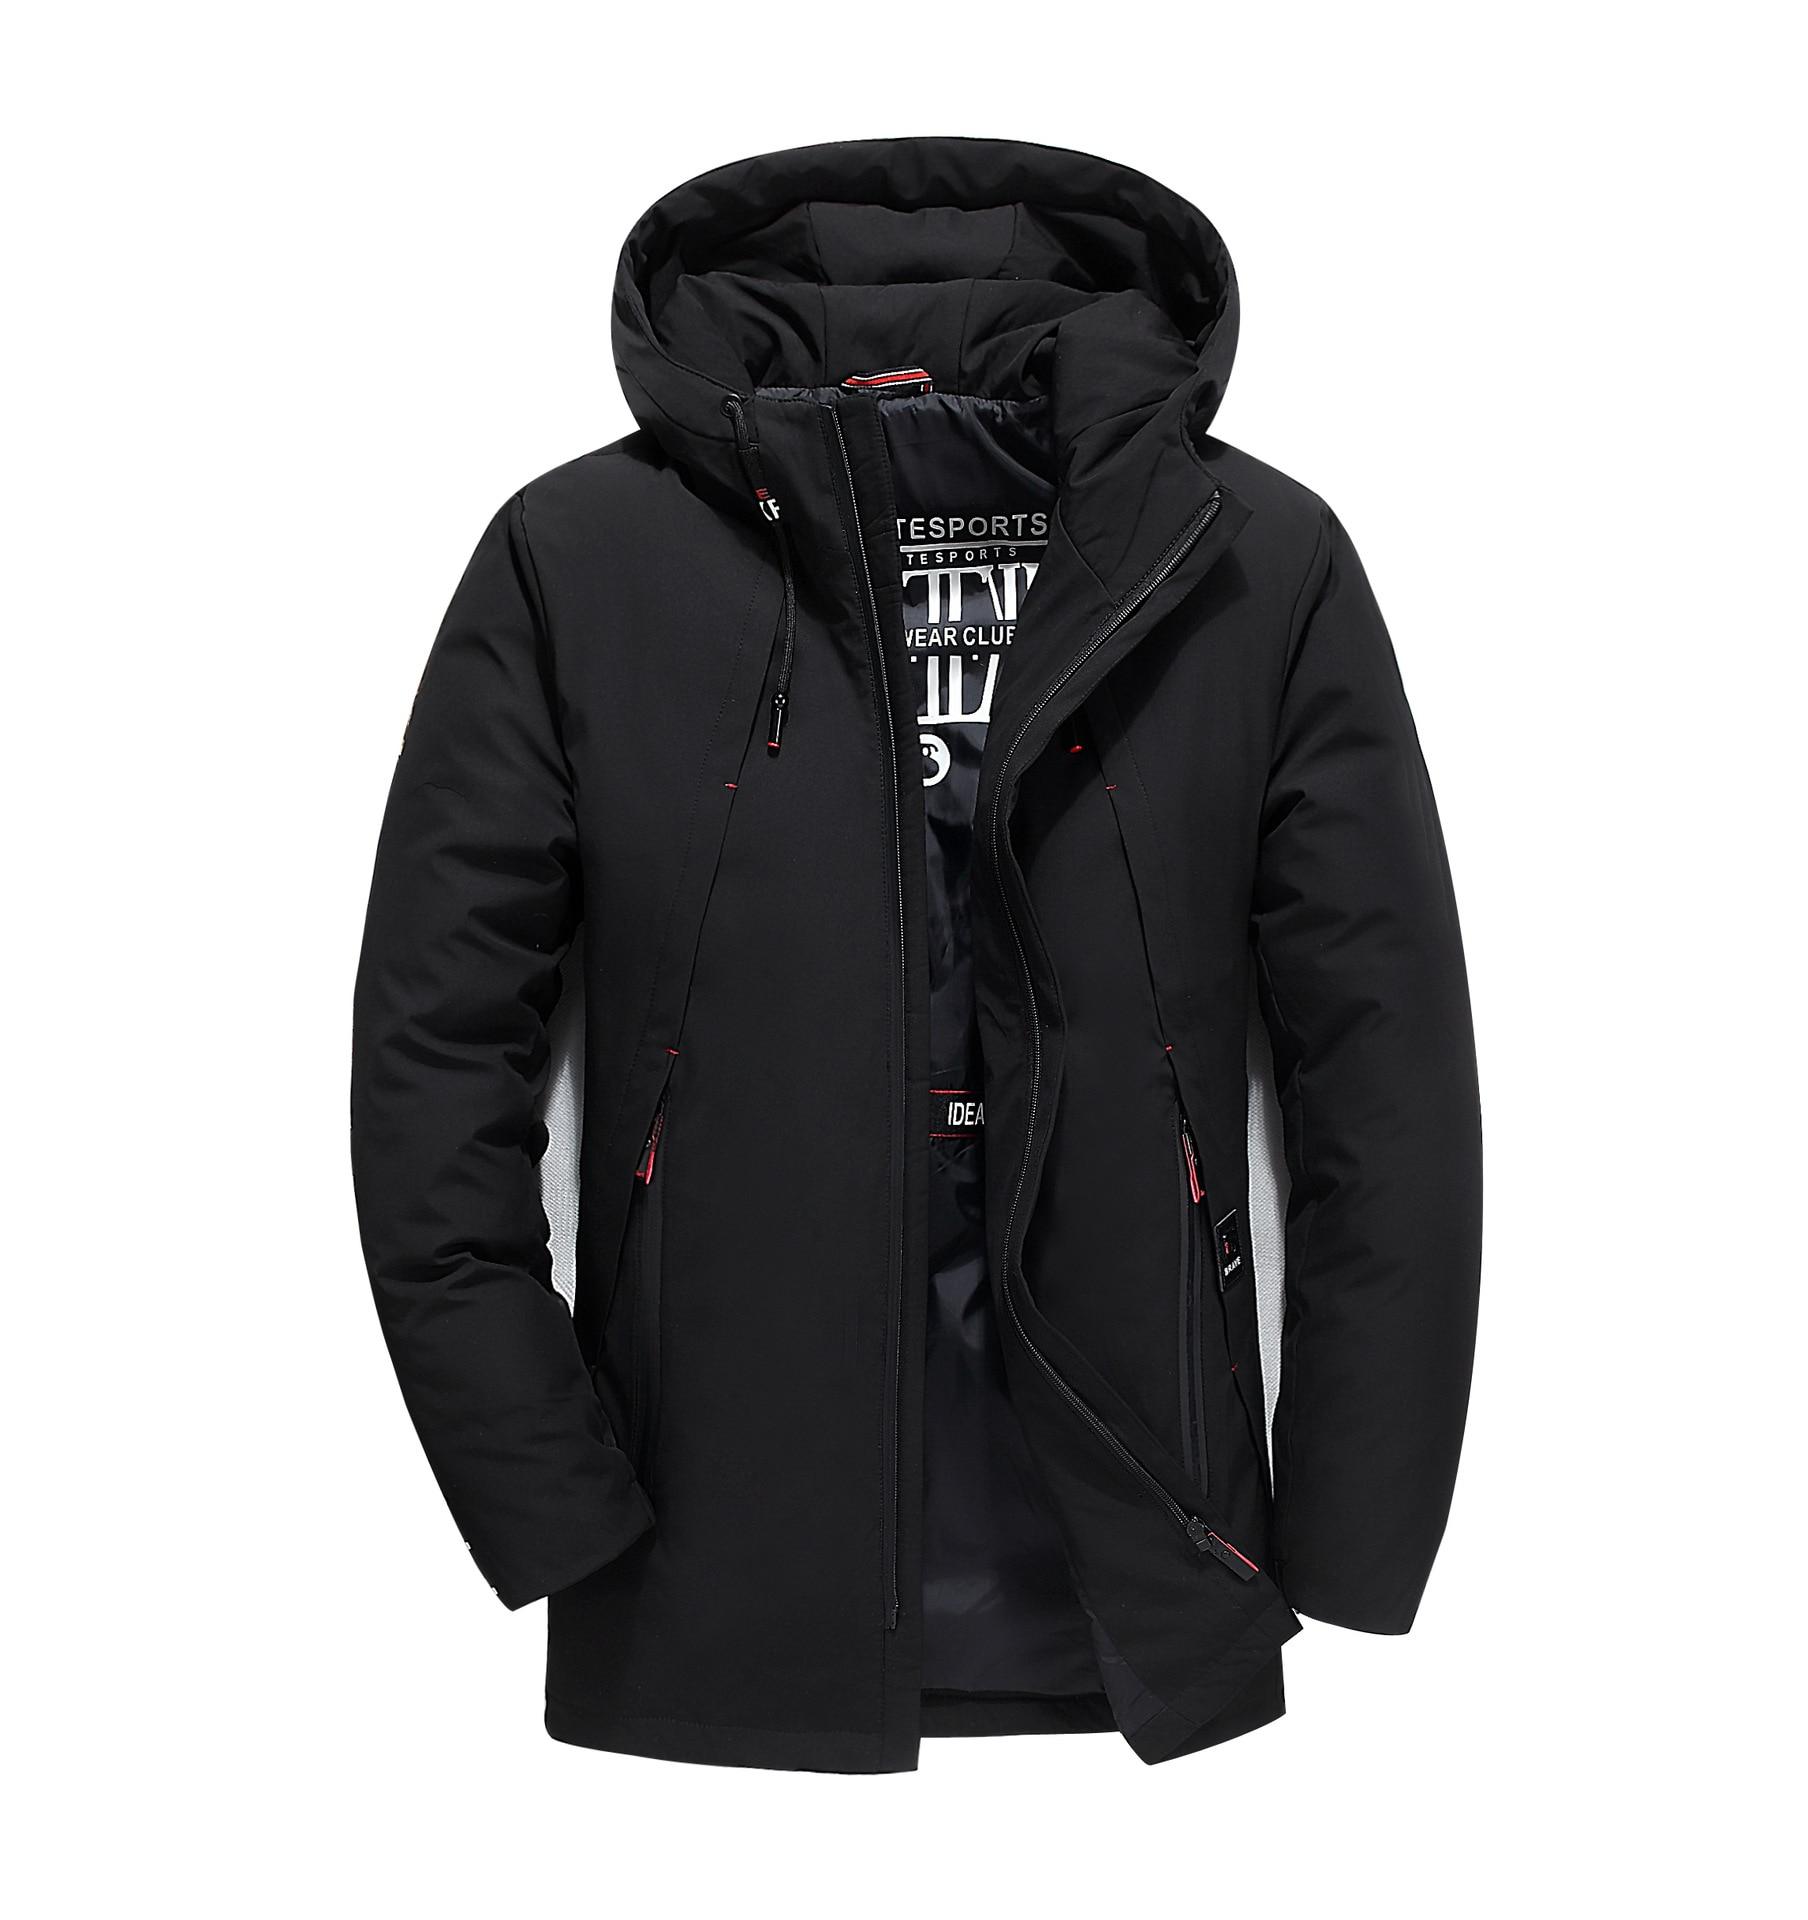 Loldeal luxe hommes veste d'hiver gris duvet de canard coupe libre duvet d'oie à capuche épais chaud imperméable manteau